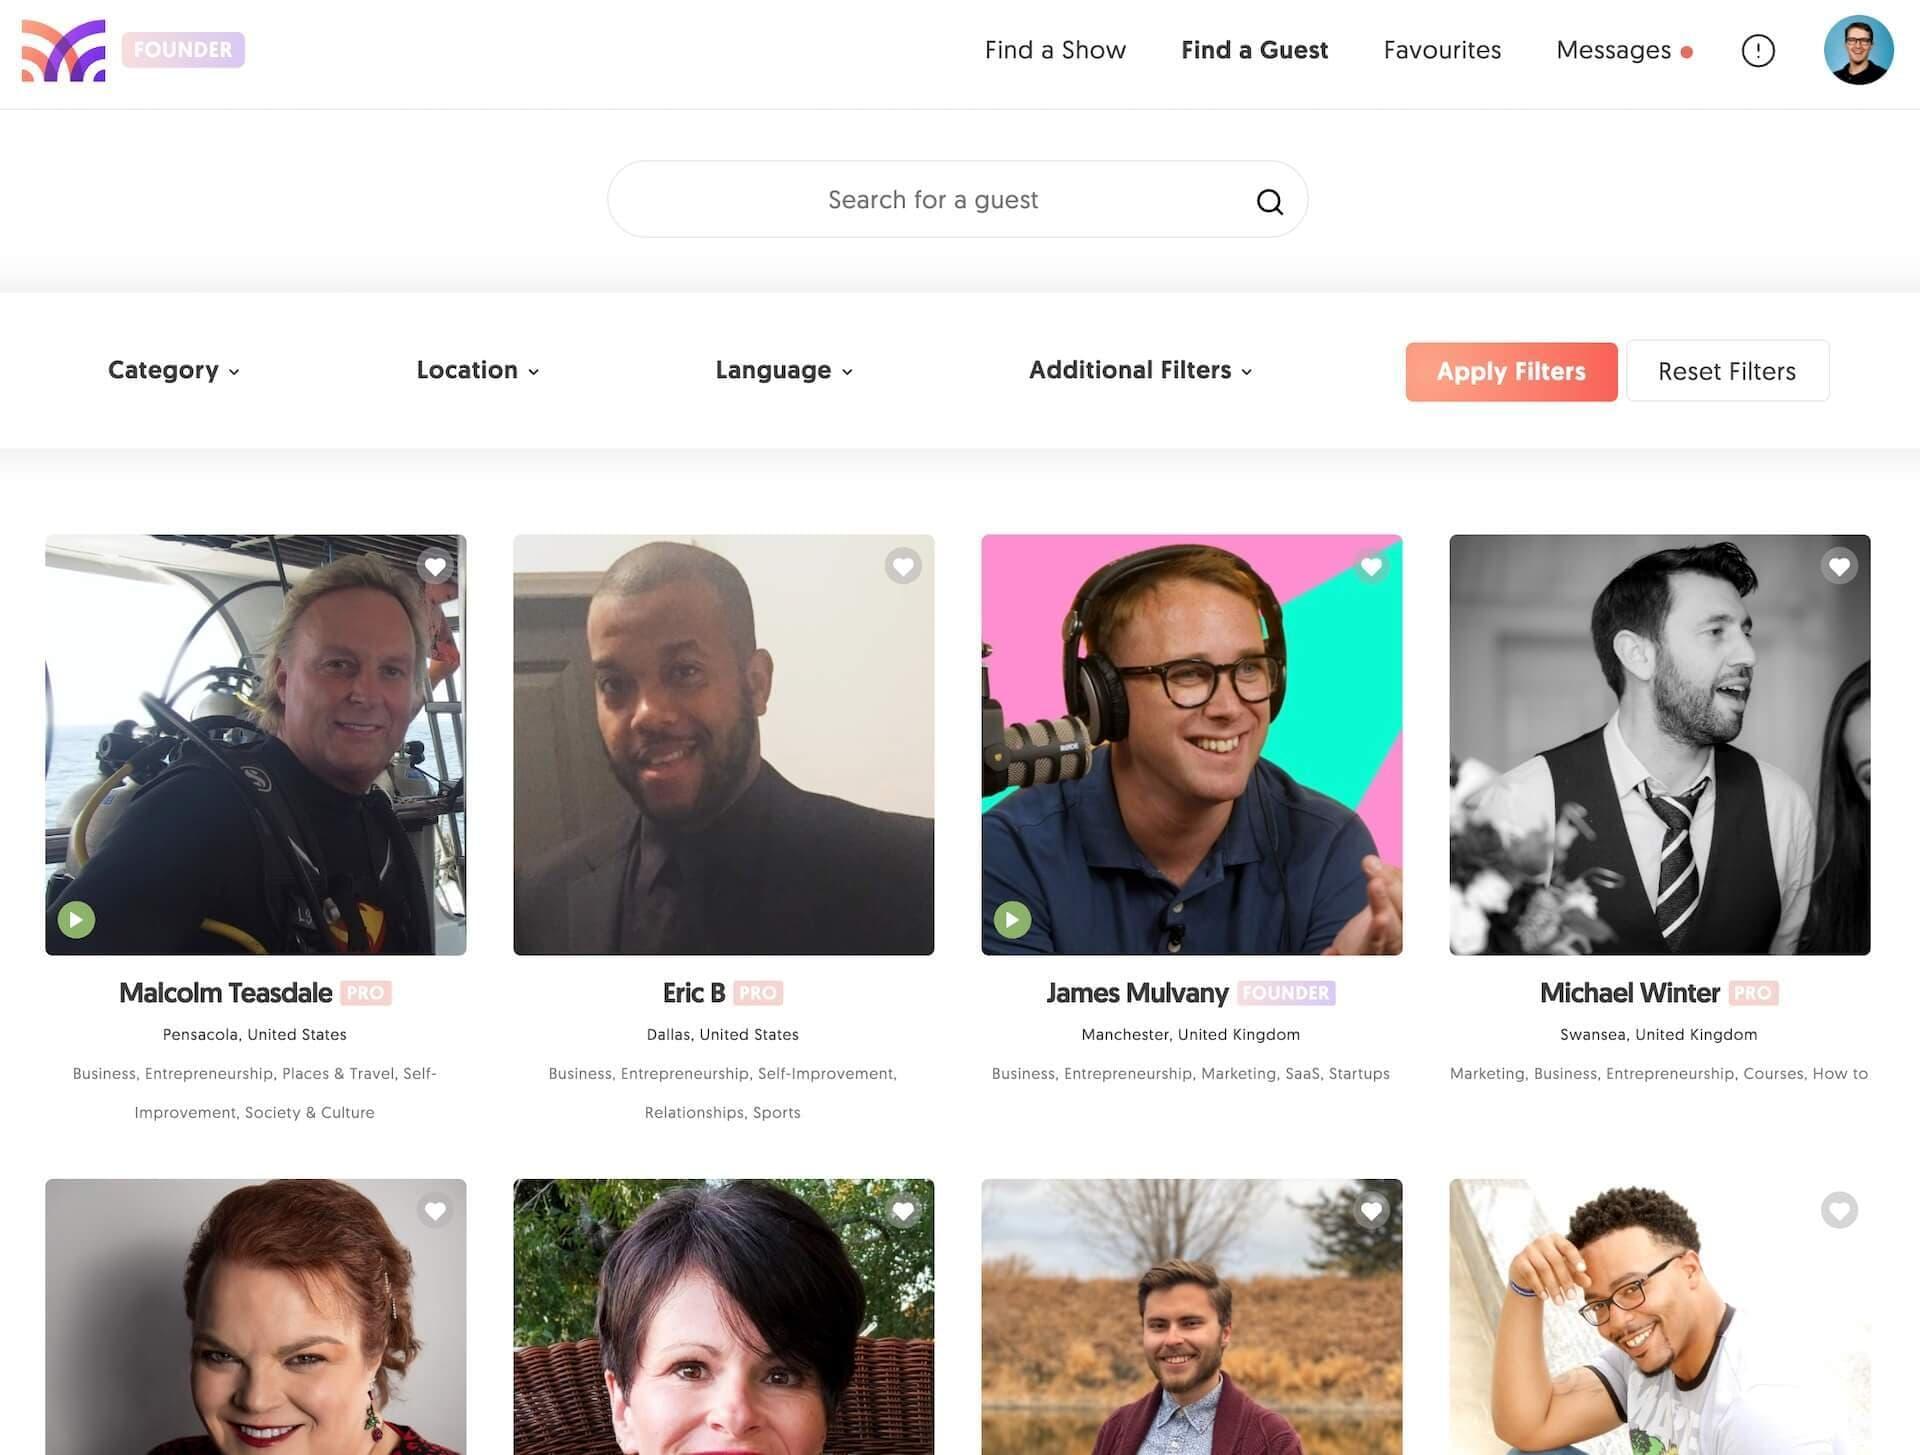 MatchMaker.fm guest profiles